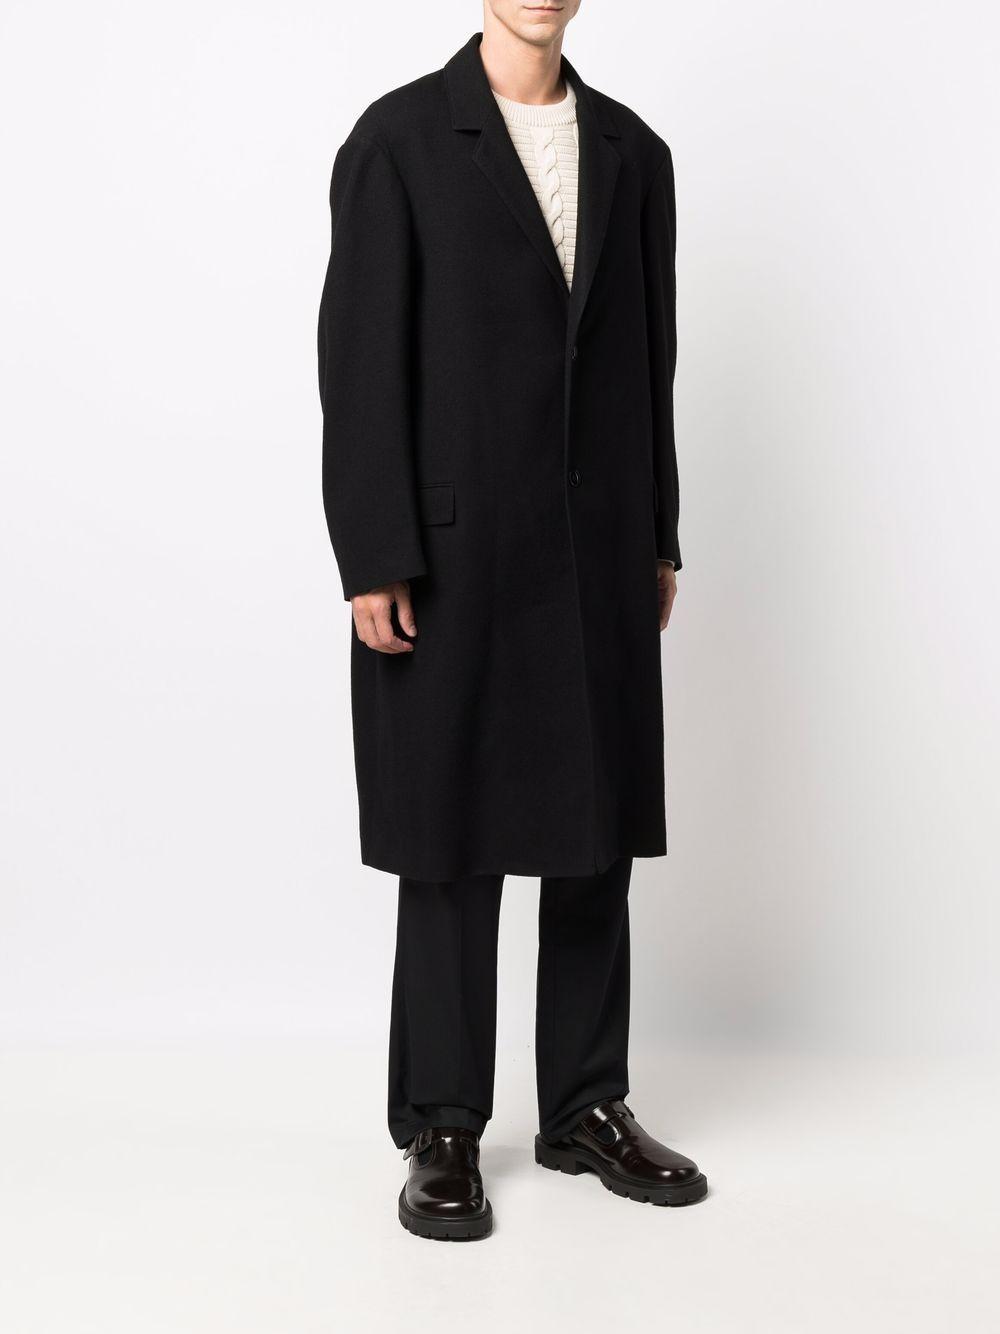 cappotto monoepetto uomo nero in lana LEMAIRE | Cappotti | M 213 CO167 LF608999